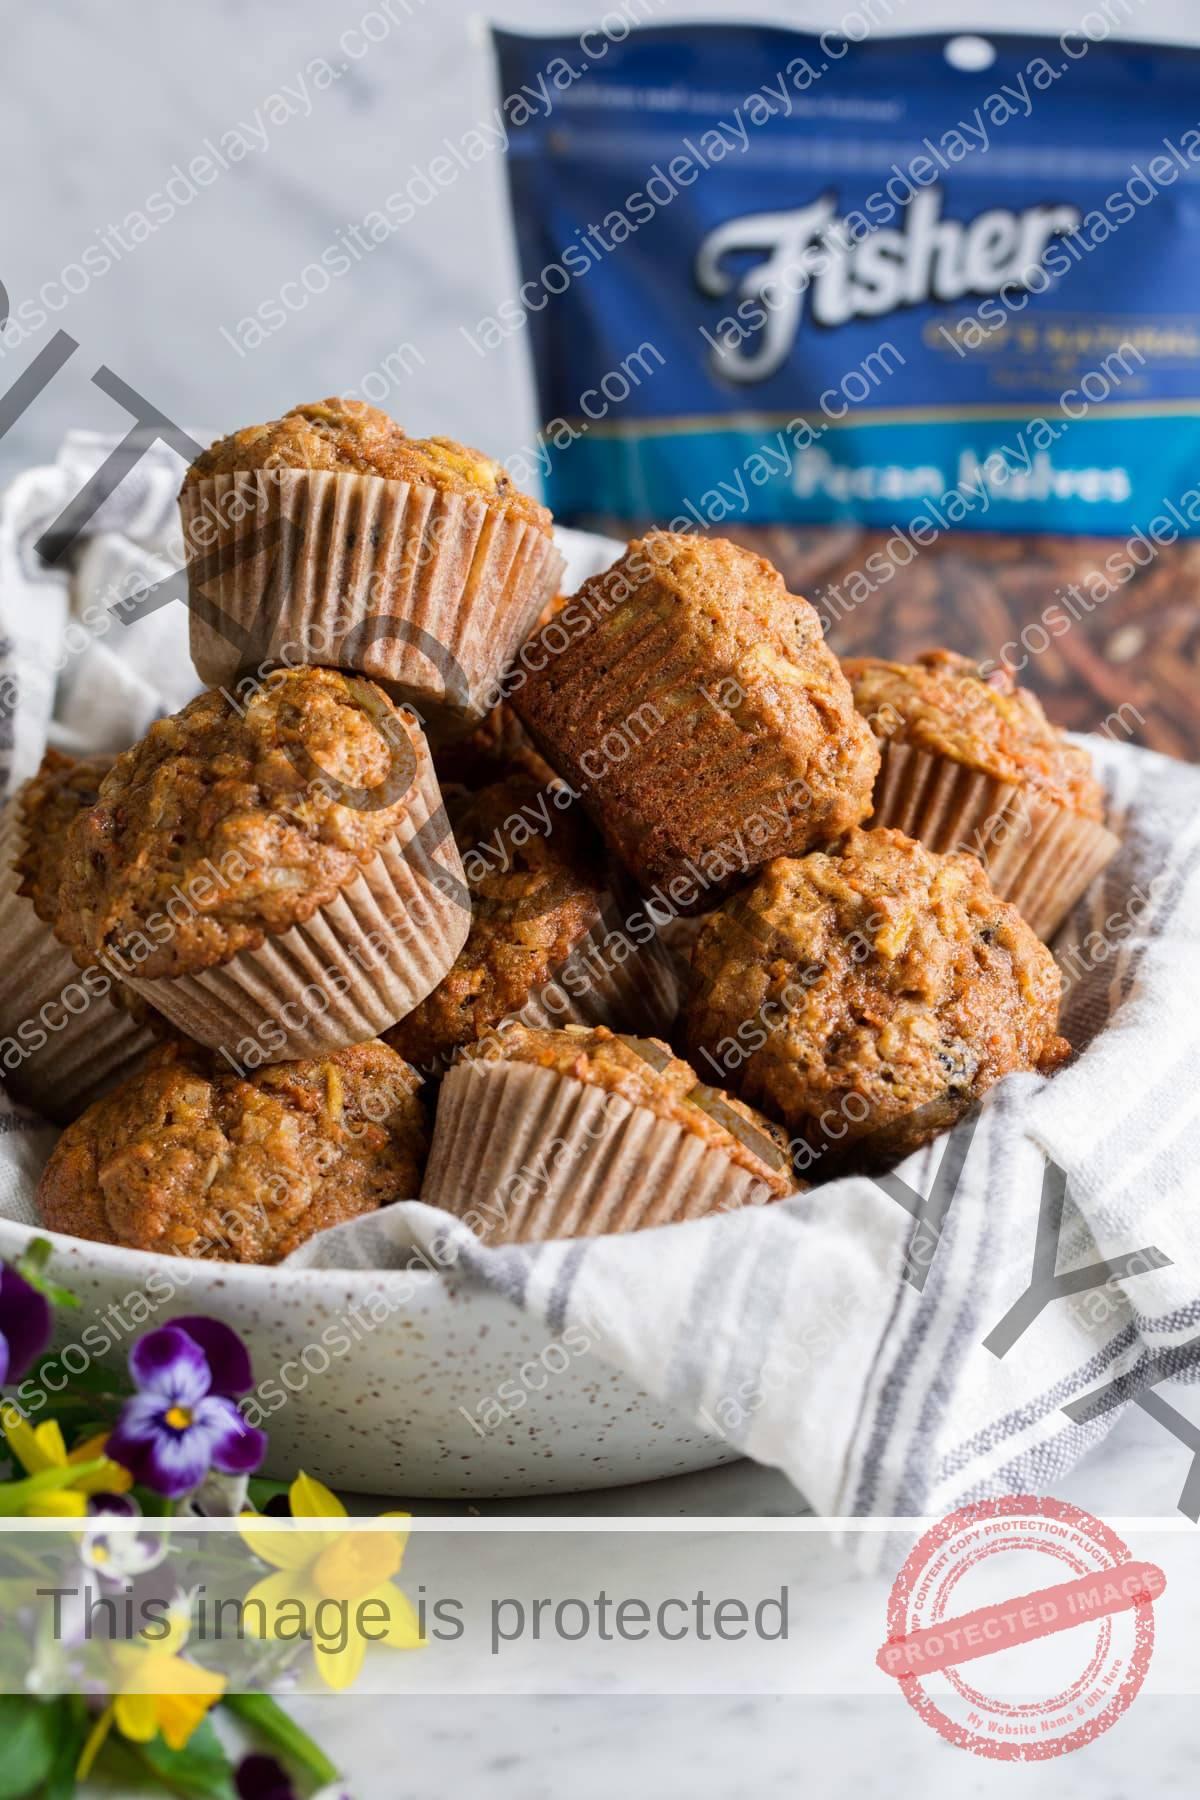 Muffins de gloria de la mañana apilados en un cuenco de cerámica rociado